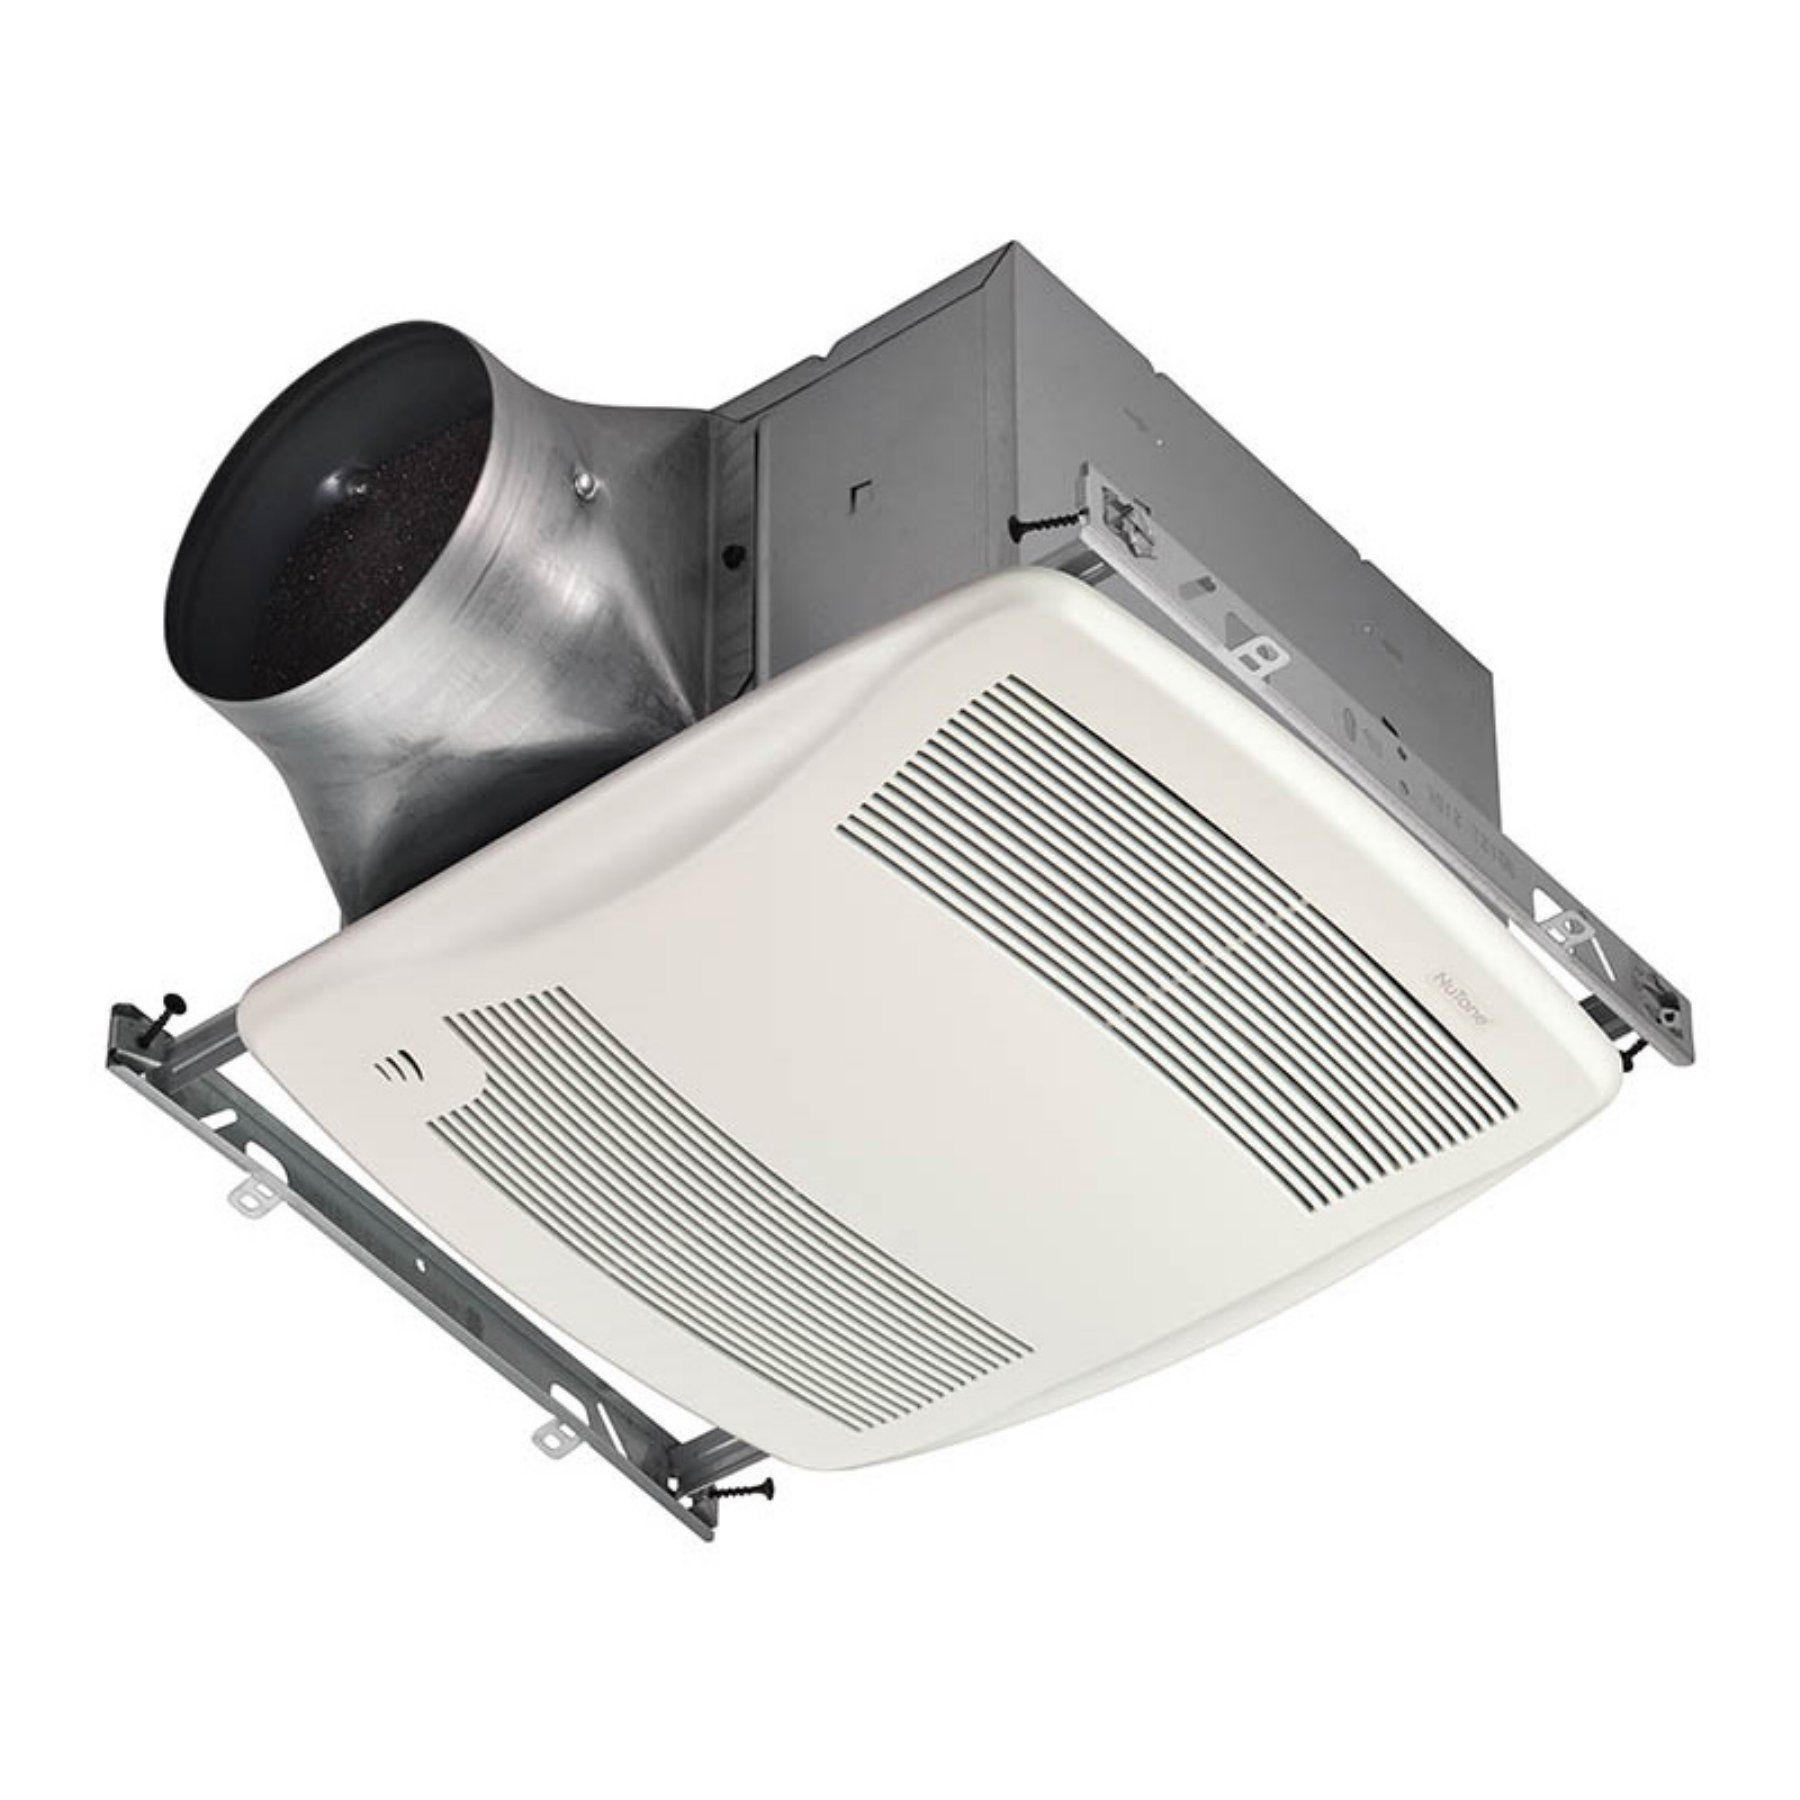 Broan Zb110h Ultra Multi Speed Humidity Sensing Bathroom Fan